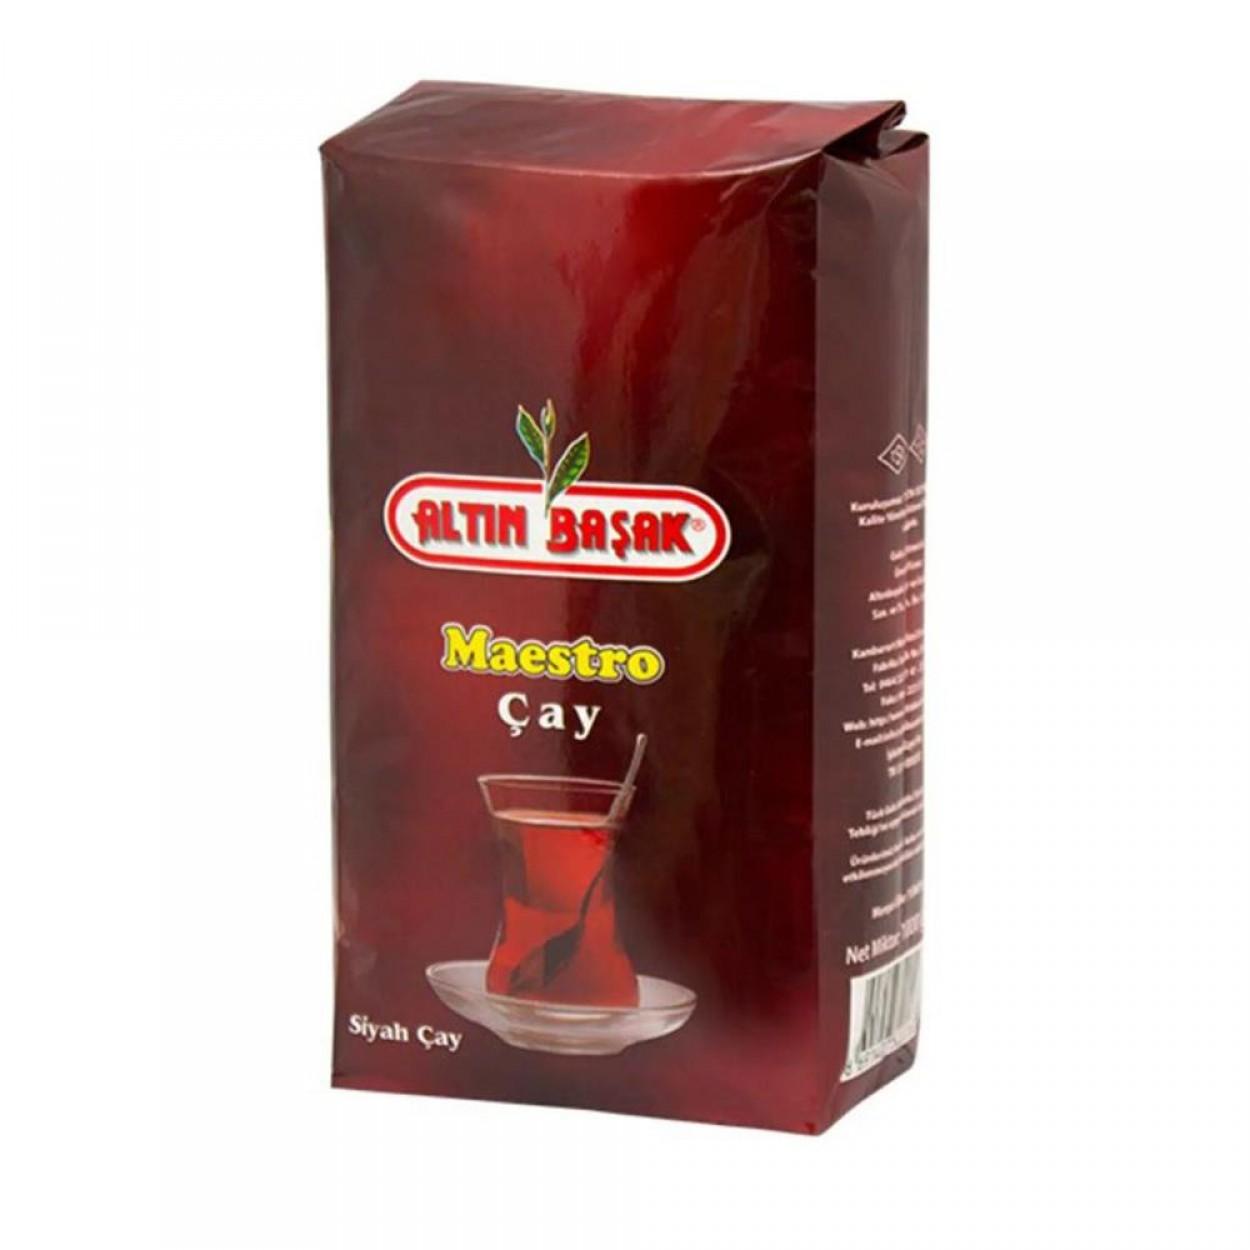 Altın Başak Maestro Çay 1000 Gram